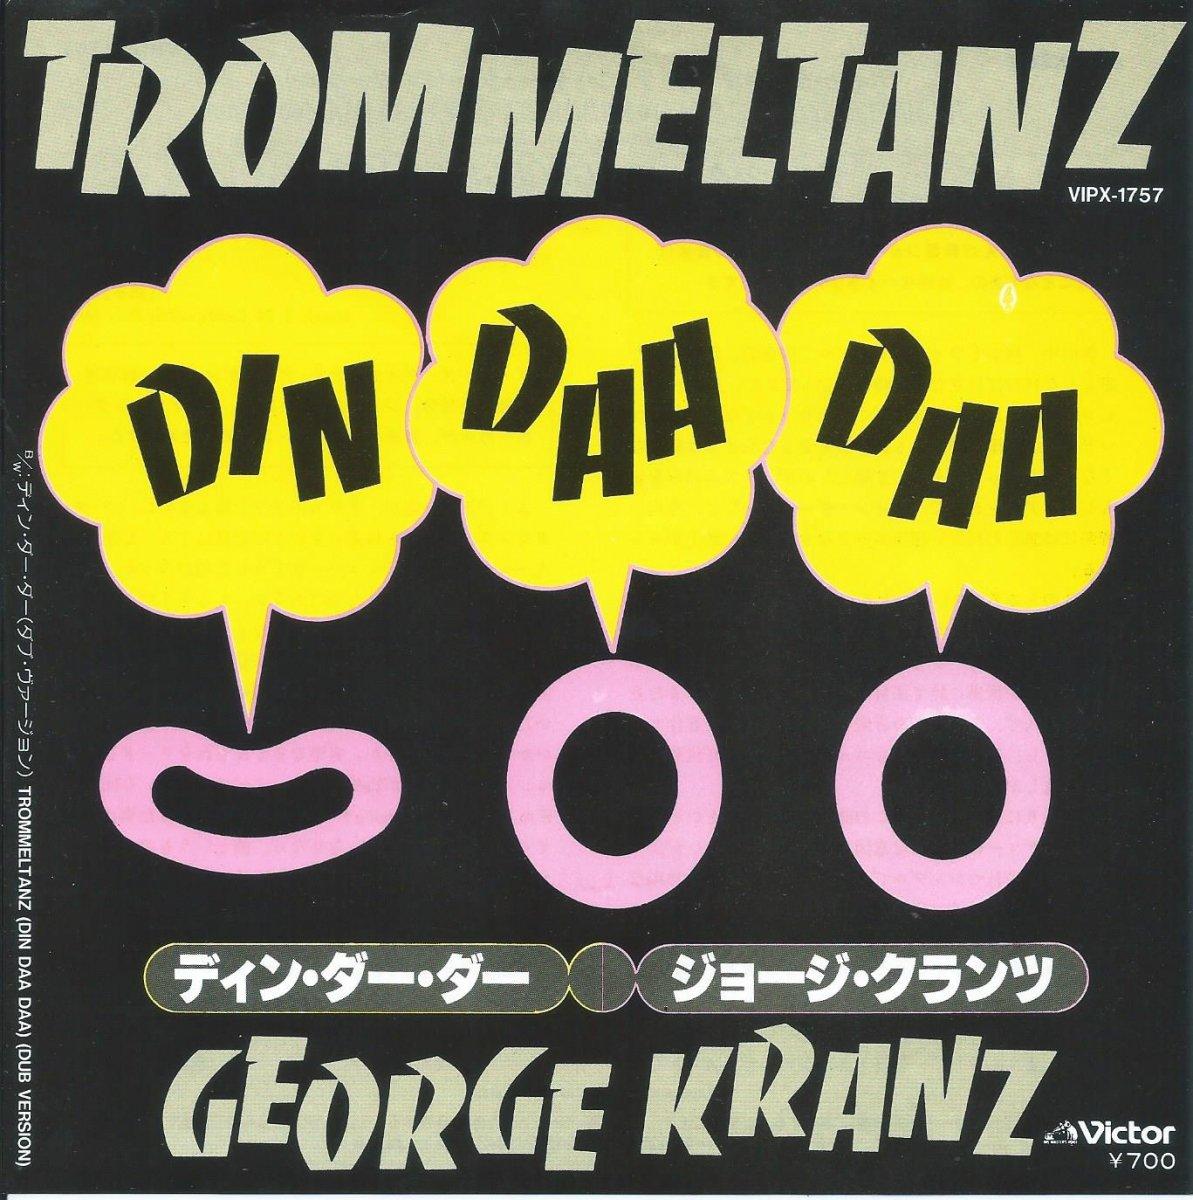 ジョージ・クランツ GEORGE KRANZ / ディン・ダー・ダー TROMMELTANZ (DIN DAA DAA) (7